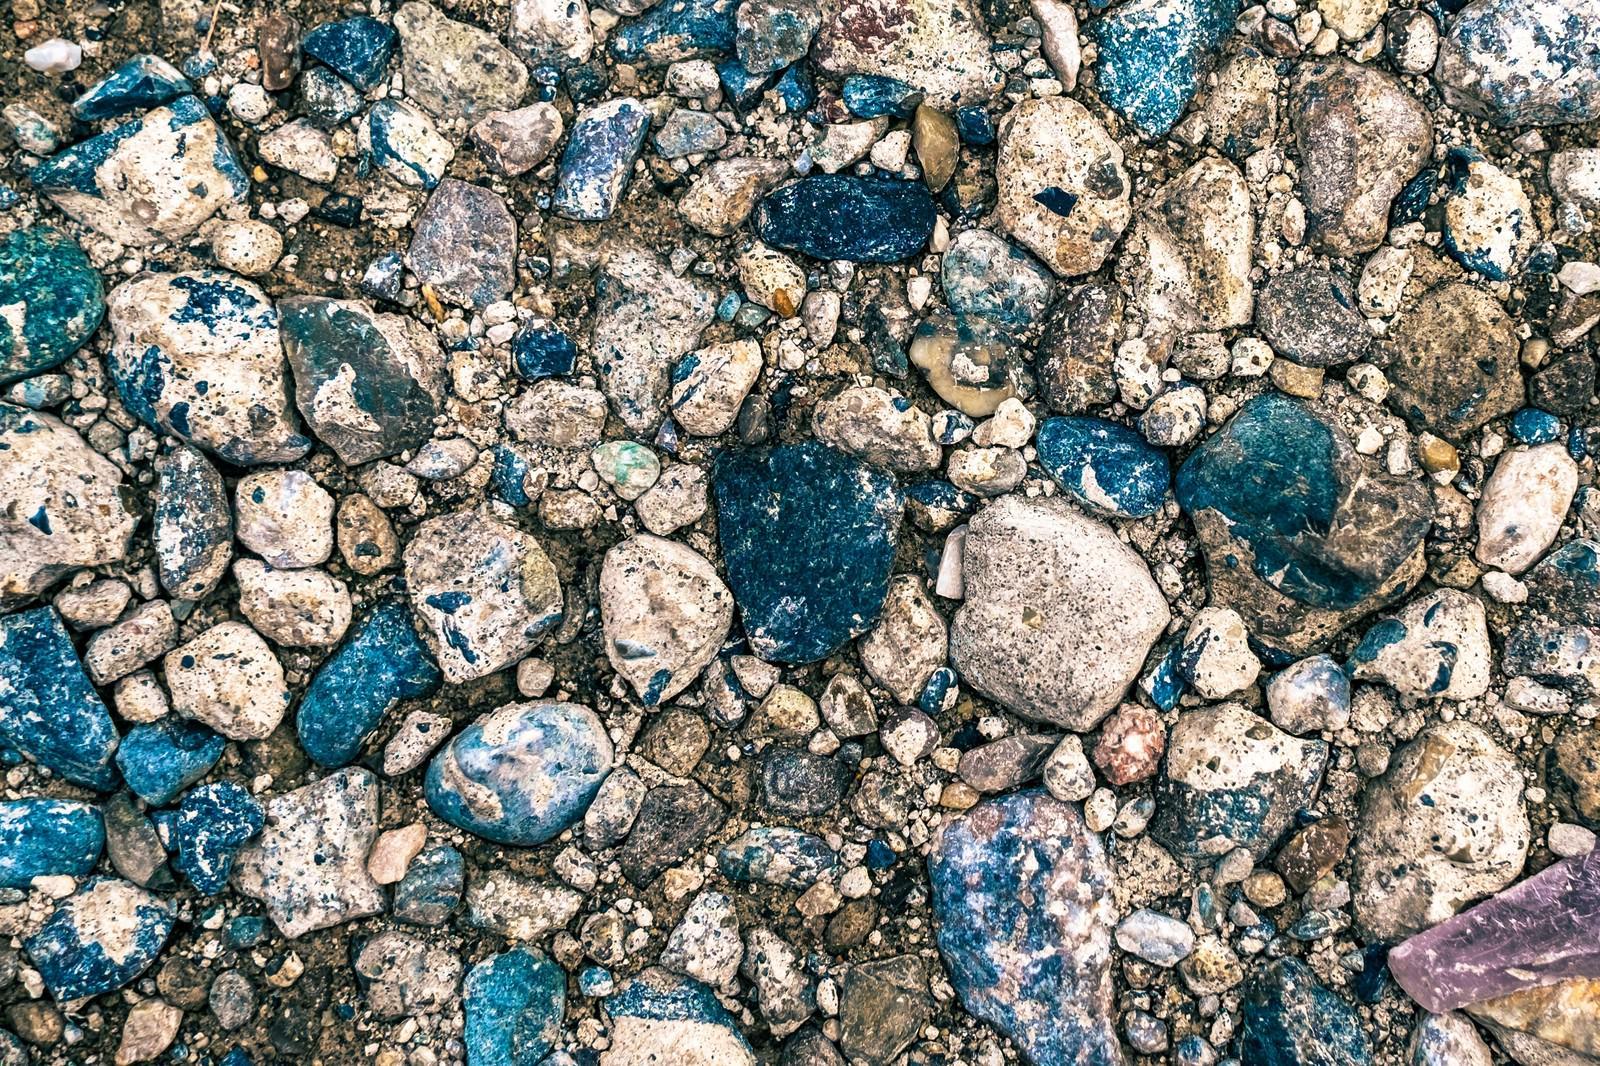 「地面に埋まる小石(テクスチャー)地面に埋まる小石(テクスチャー)」のフリー写真素材を拡大